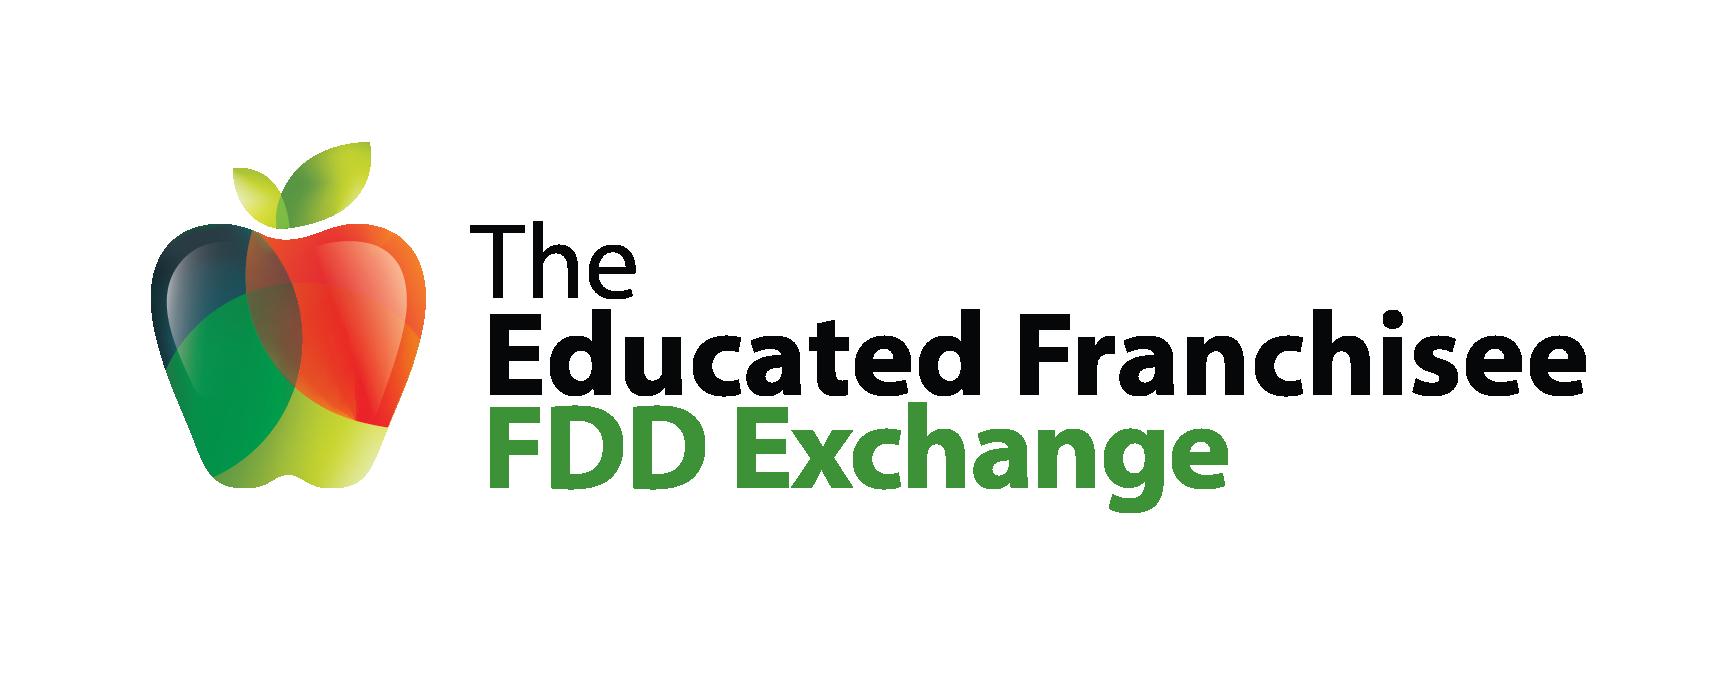 https://www.thefddstore.com/wp-content/uploads/2017/08/EF_FDDexchange.png